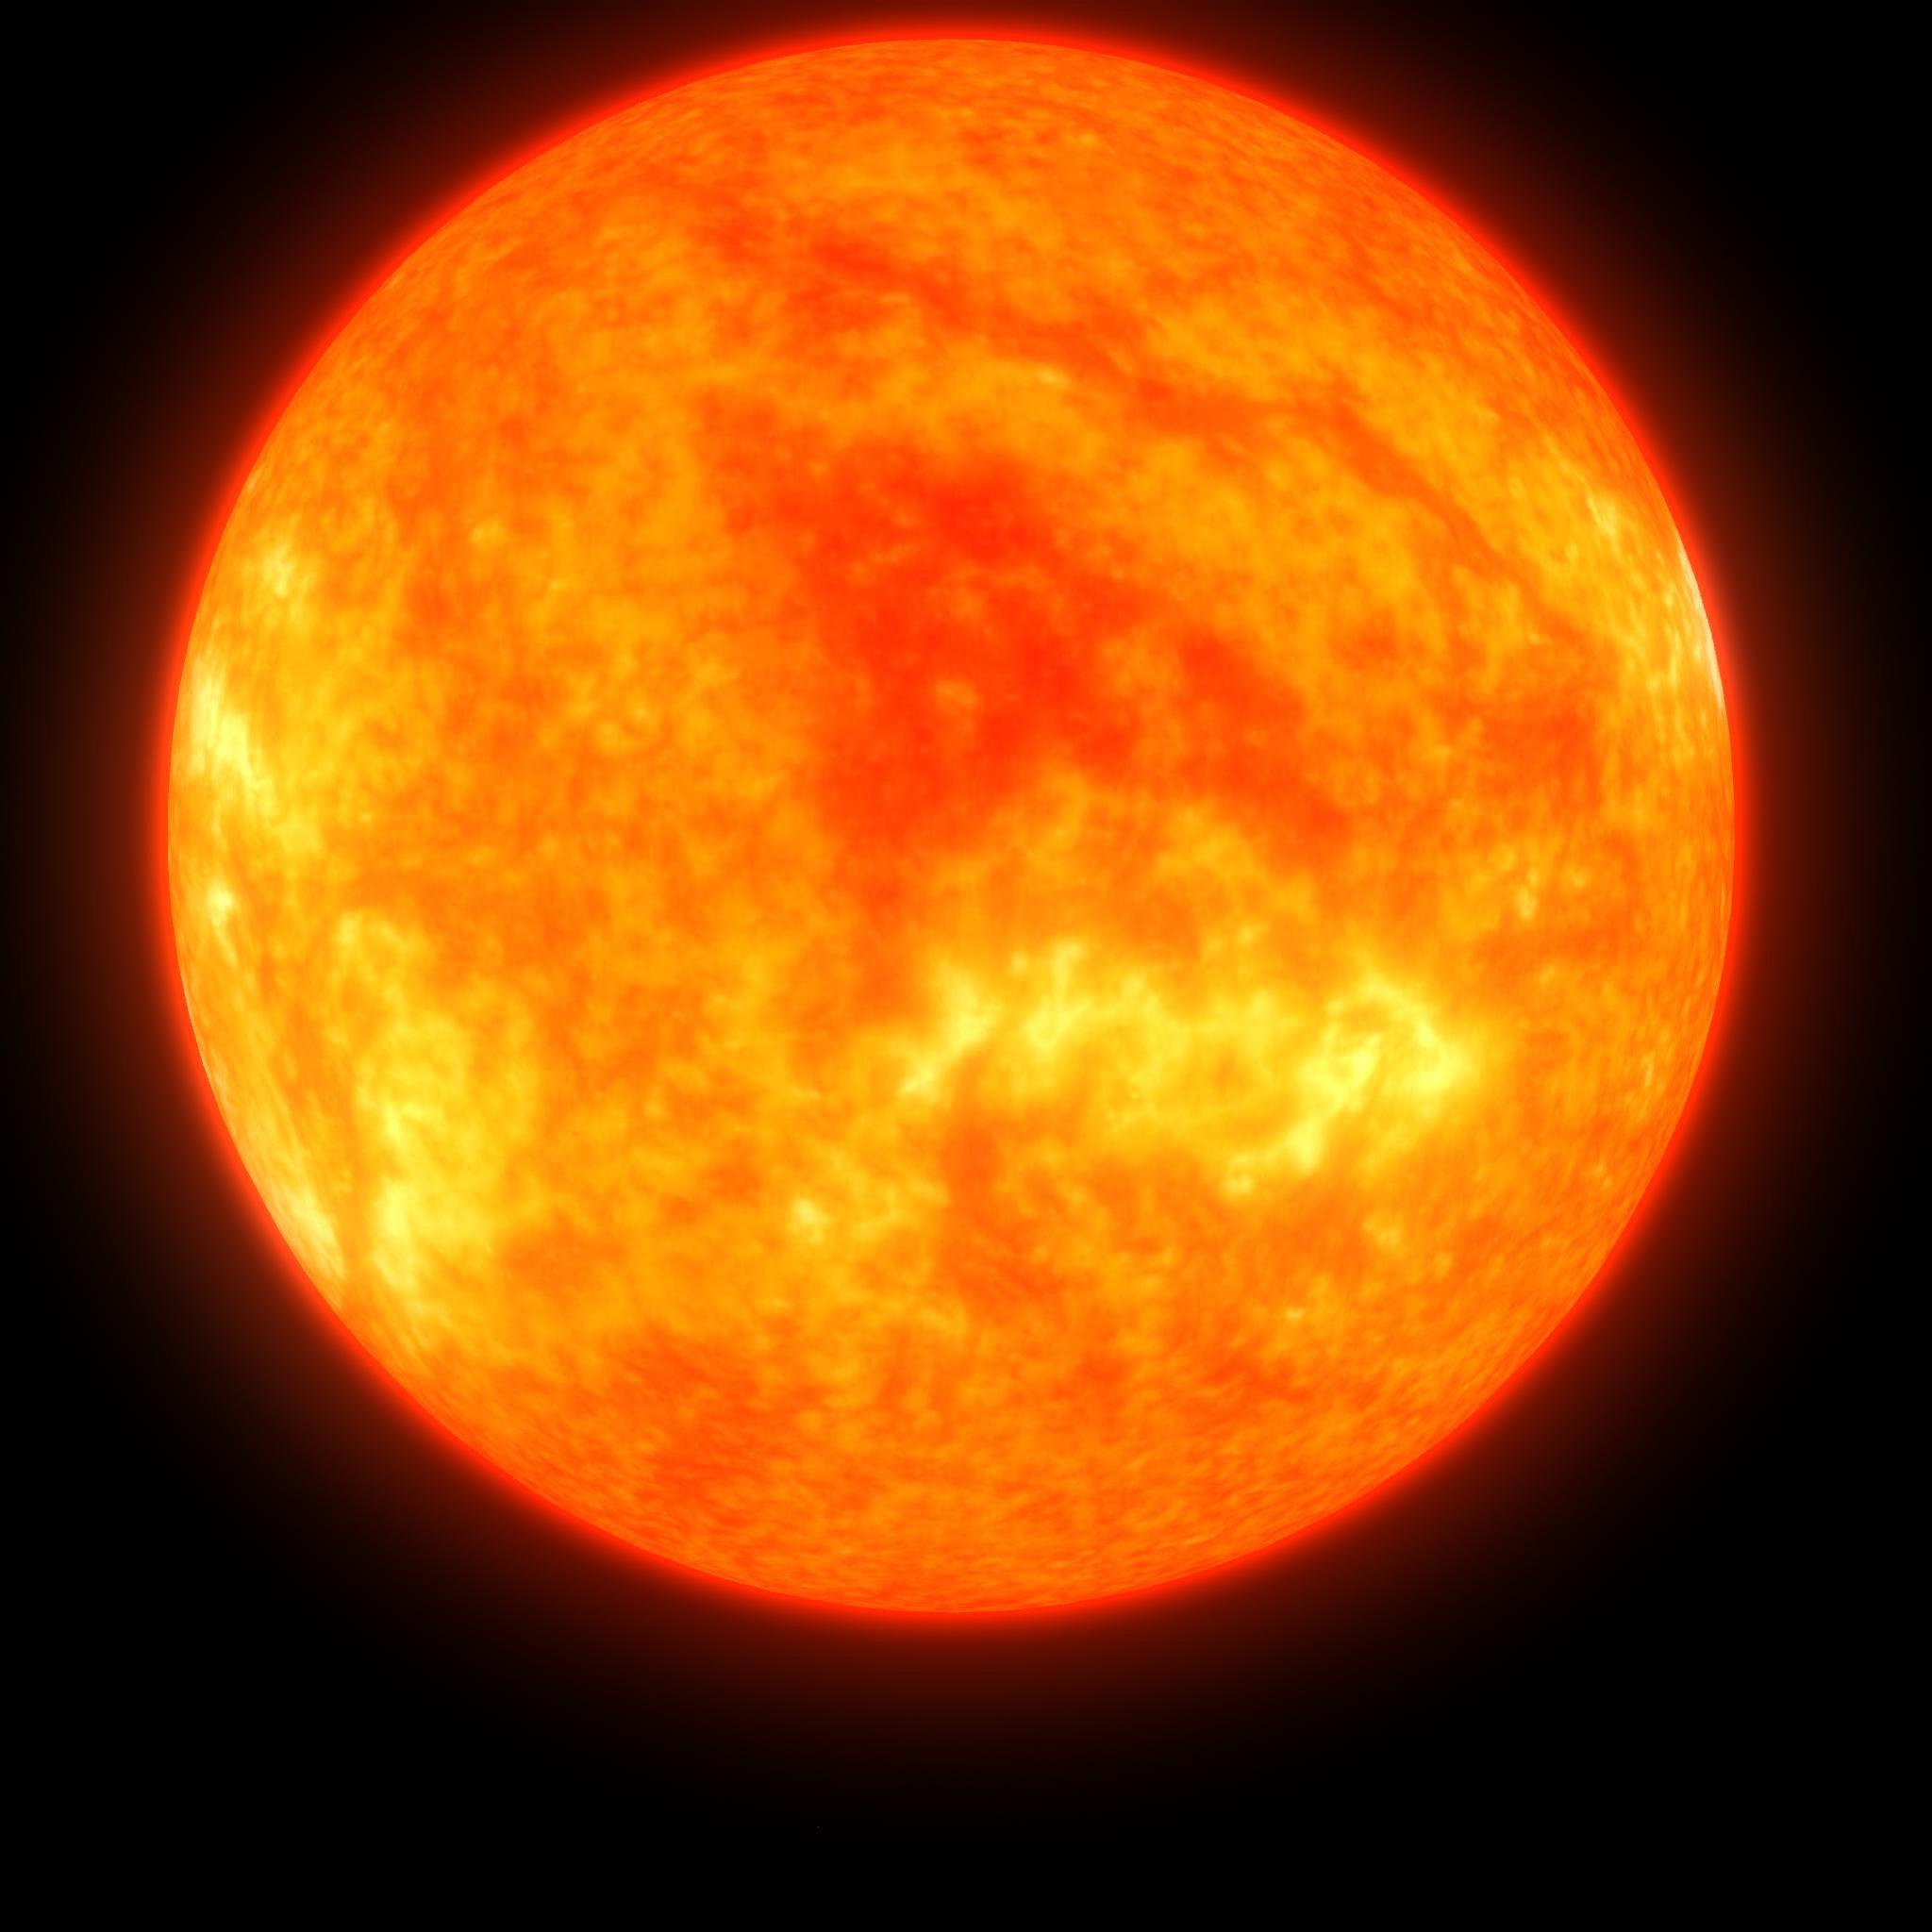 самая большое солнце на картинке гистомоноза паразитирует